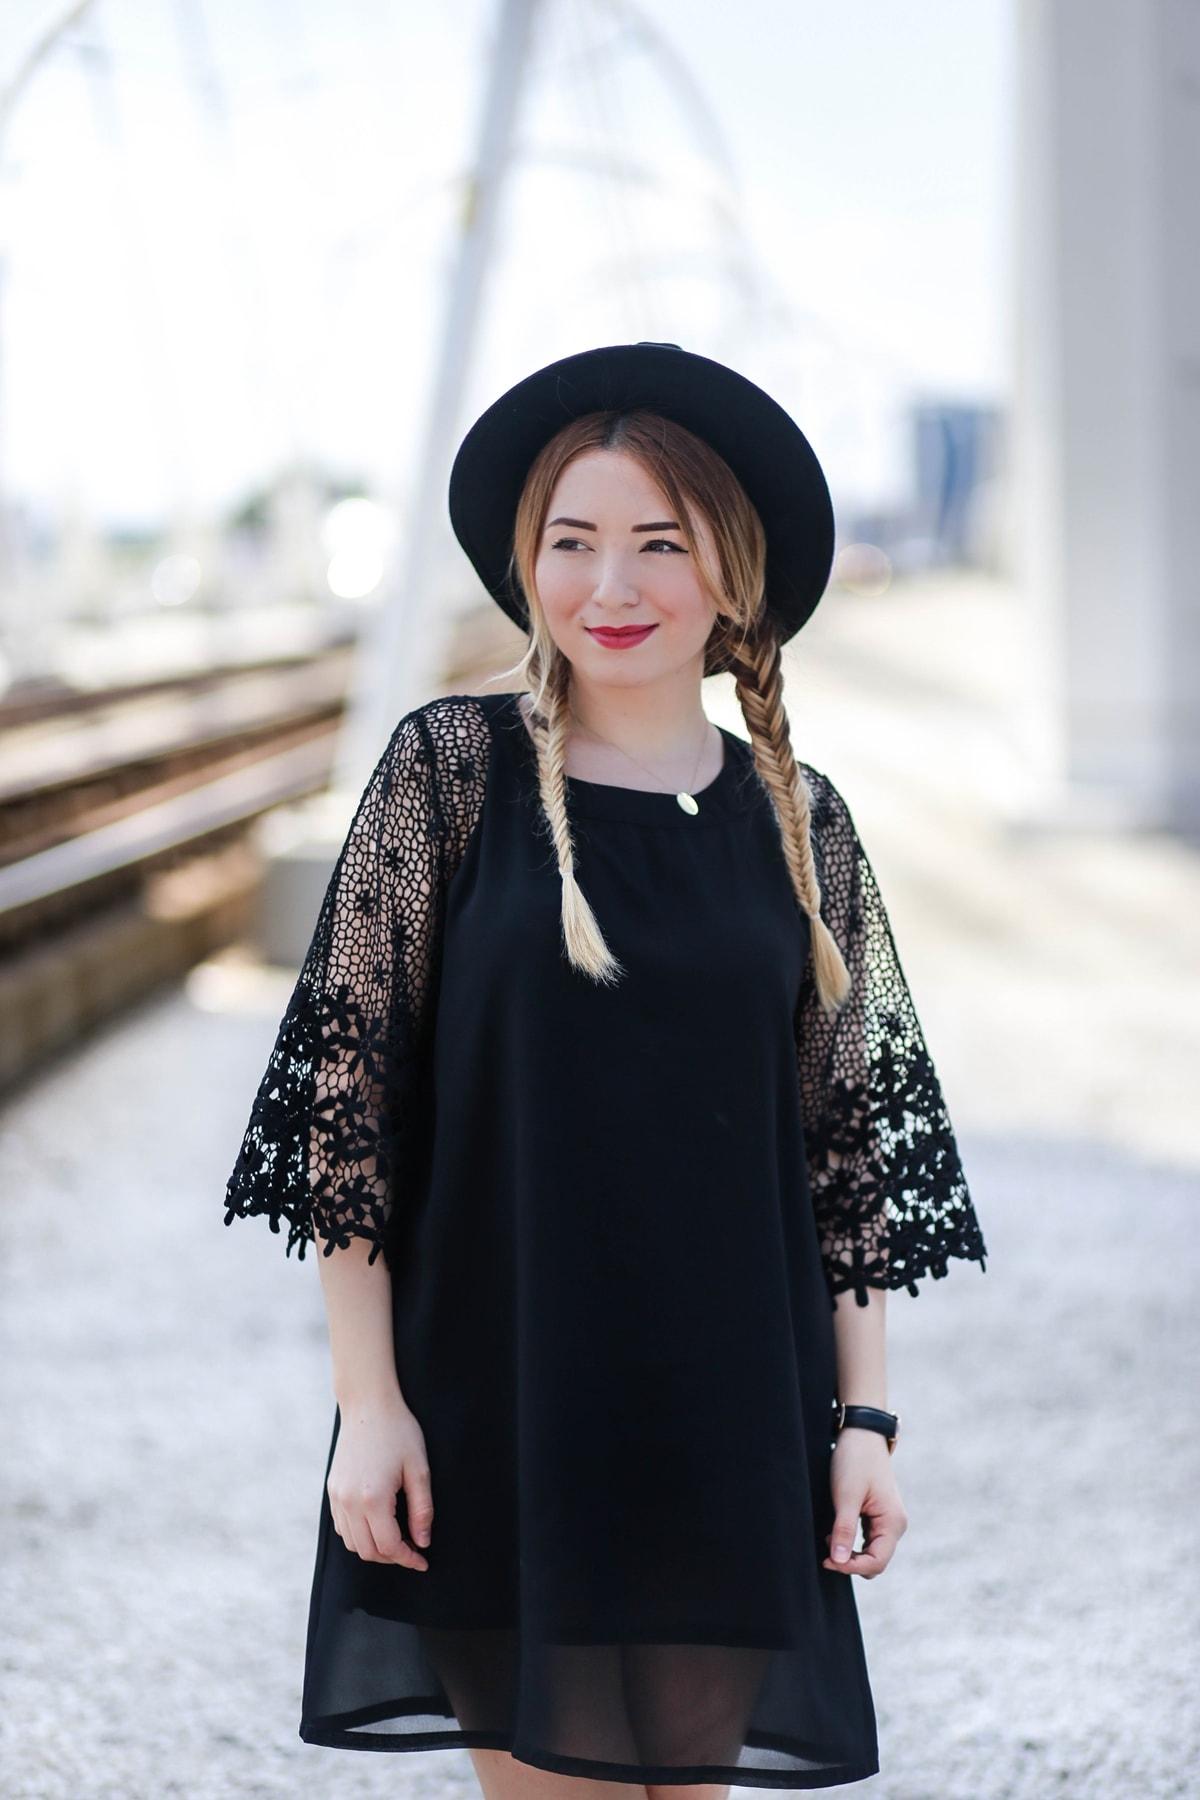 rochie neagra cu croi lejer, in A, cu maneci evazate din broderie, andreea ristea blog